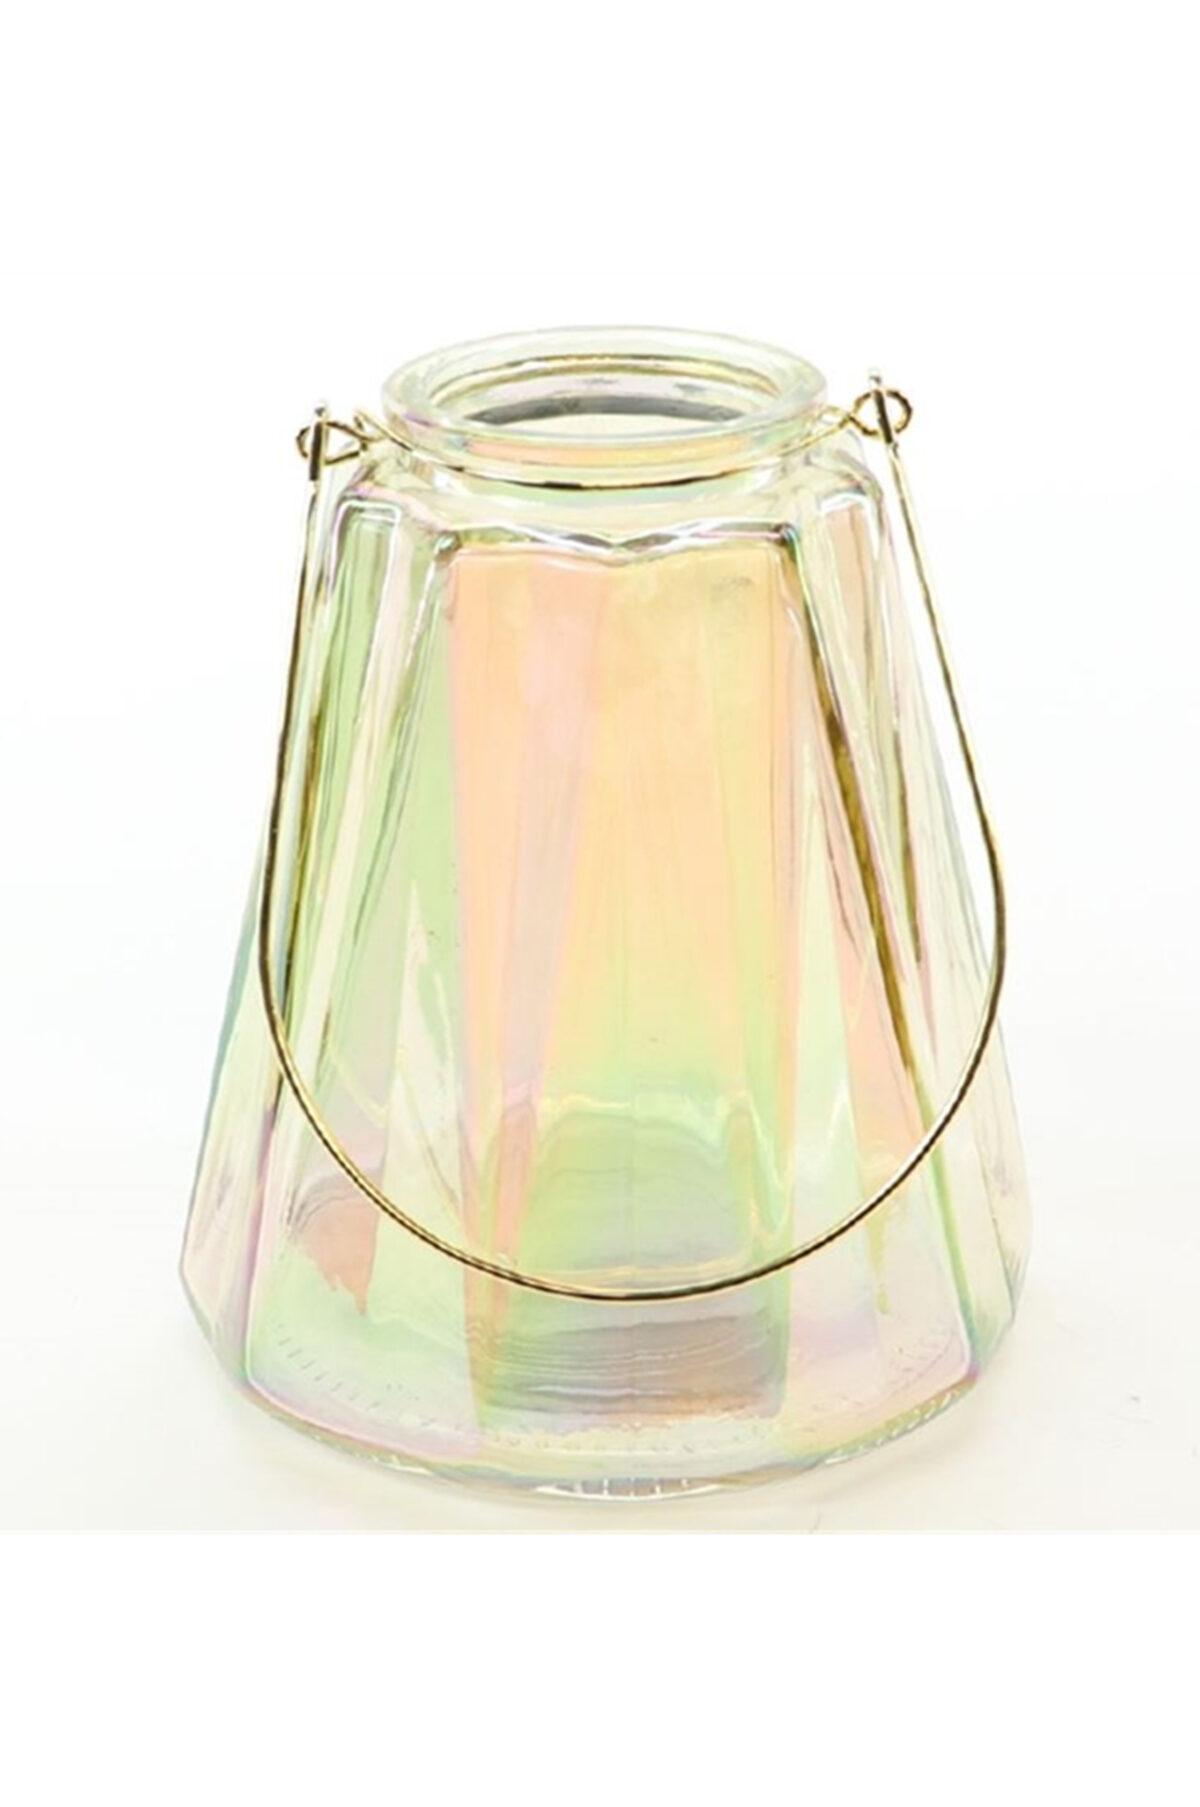 Portacandele porta t-light in vetro oro iridescente con manico d. 13 h. 14,5 cm